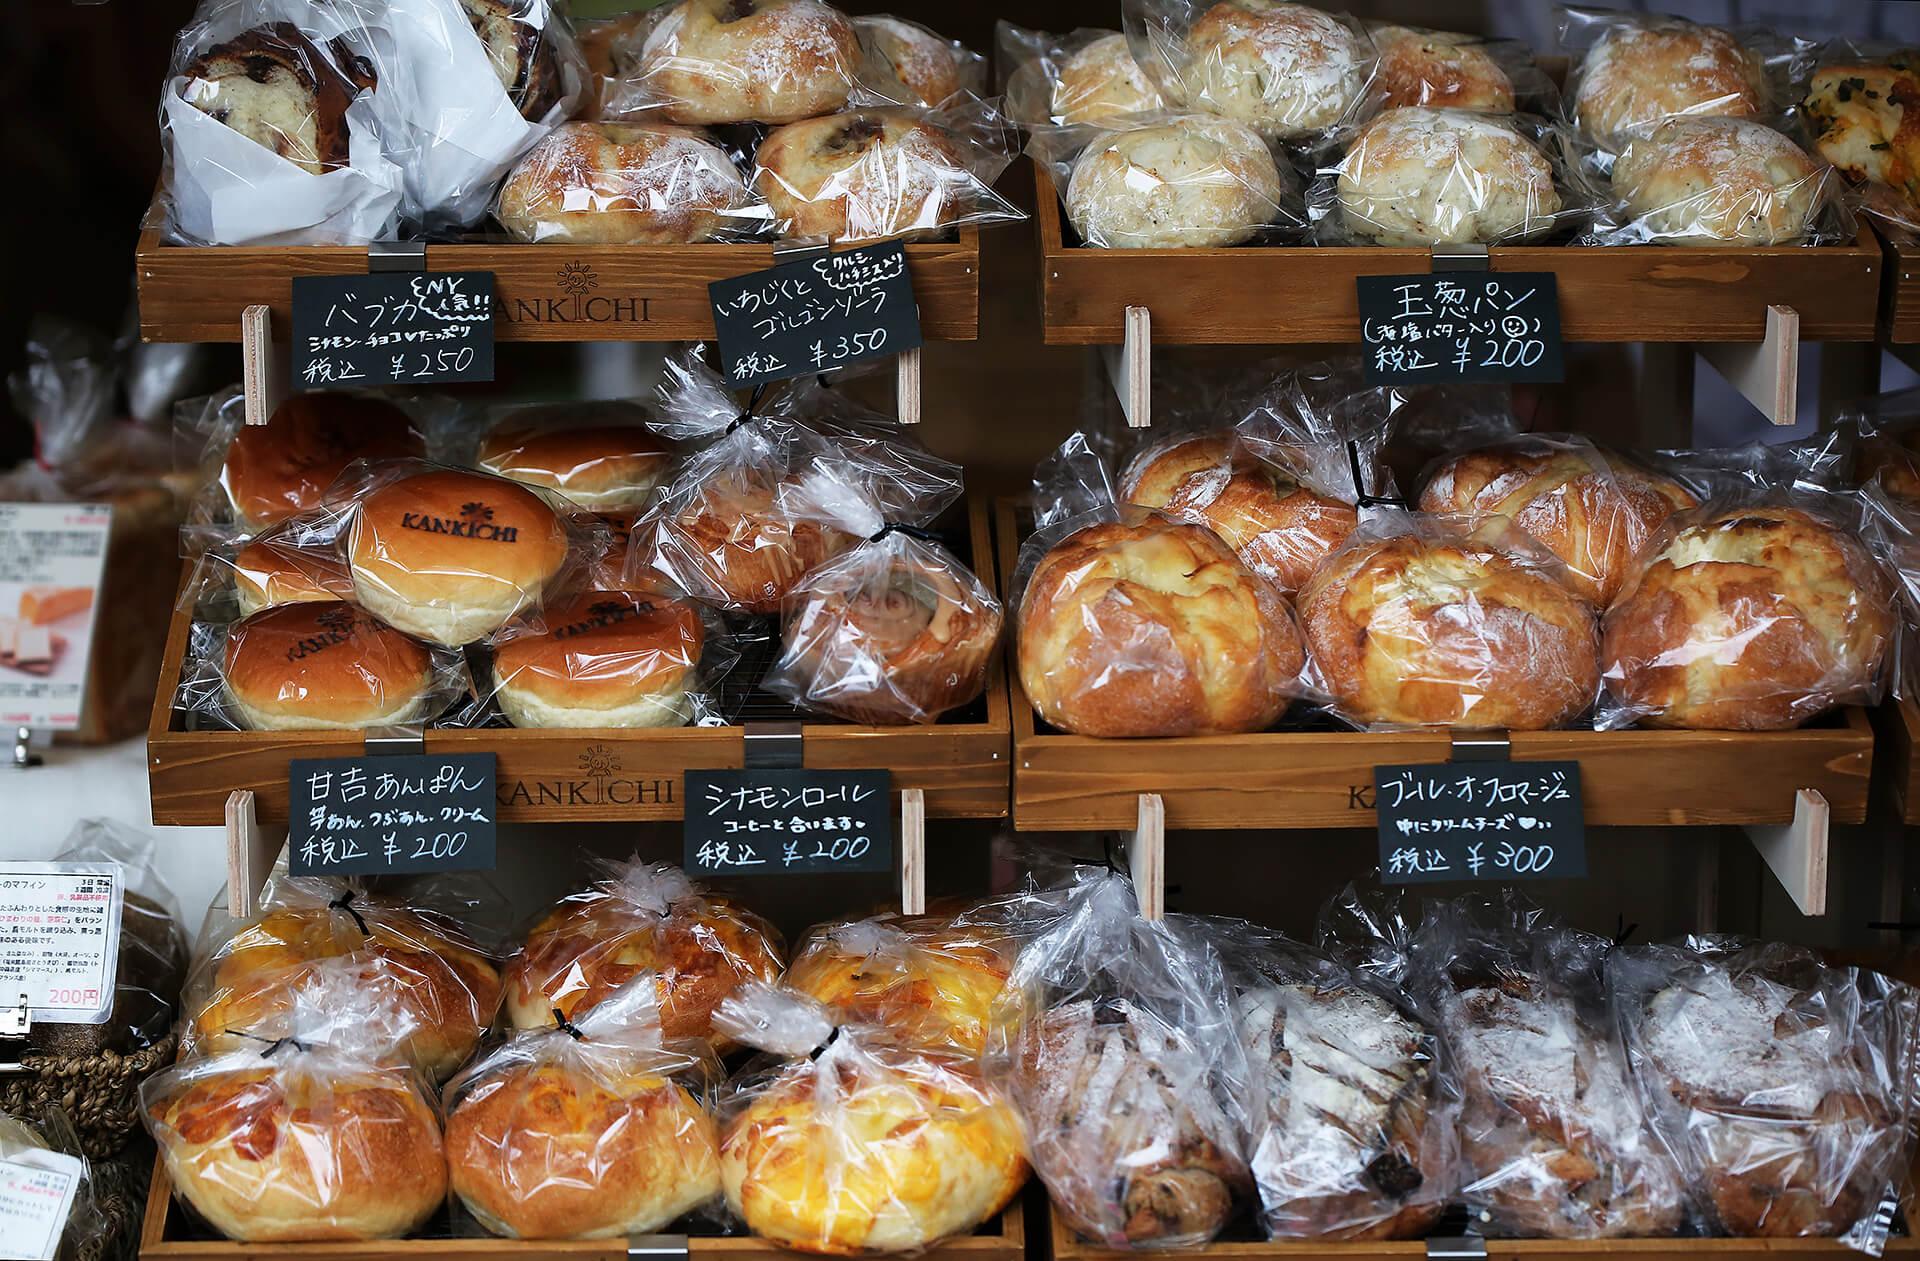 世田谷パン祭り2019パン陳列イメージ